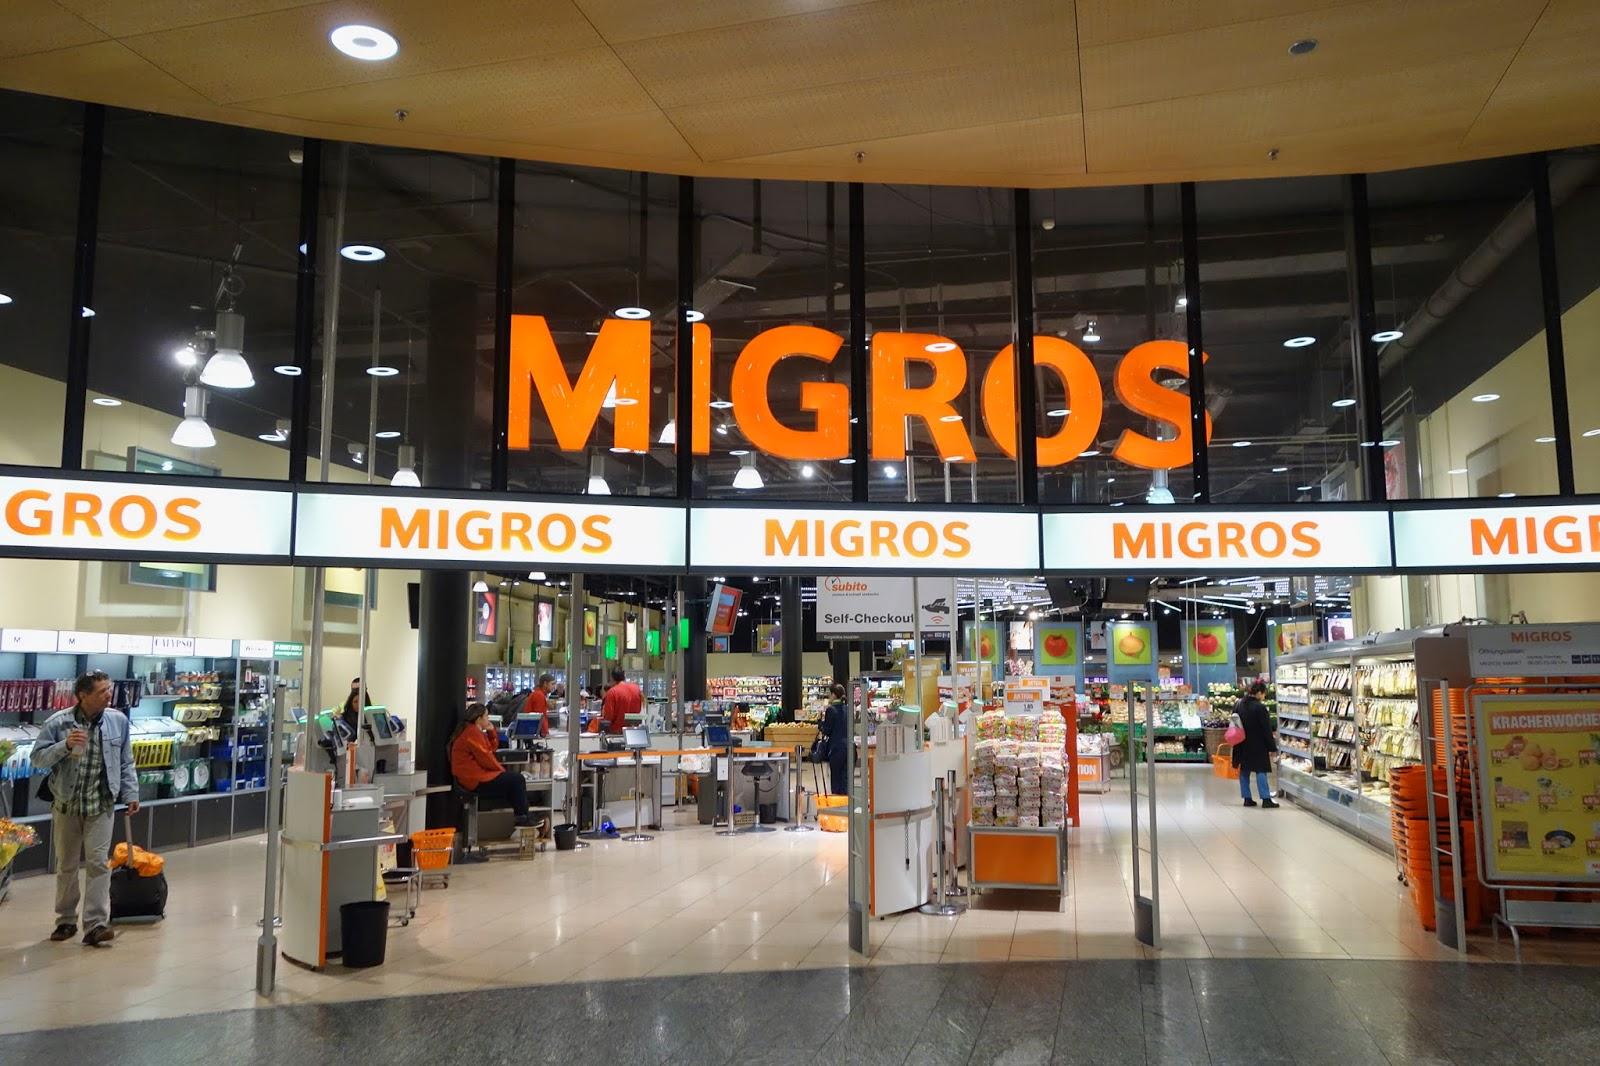 Migros, Fazla Yiyecekleri İhtiyaç Sahiplerine Ulaştırmaya Başladı